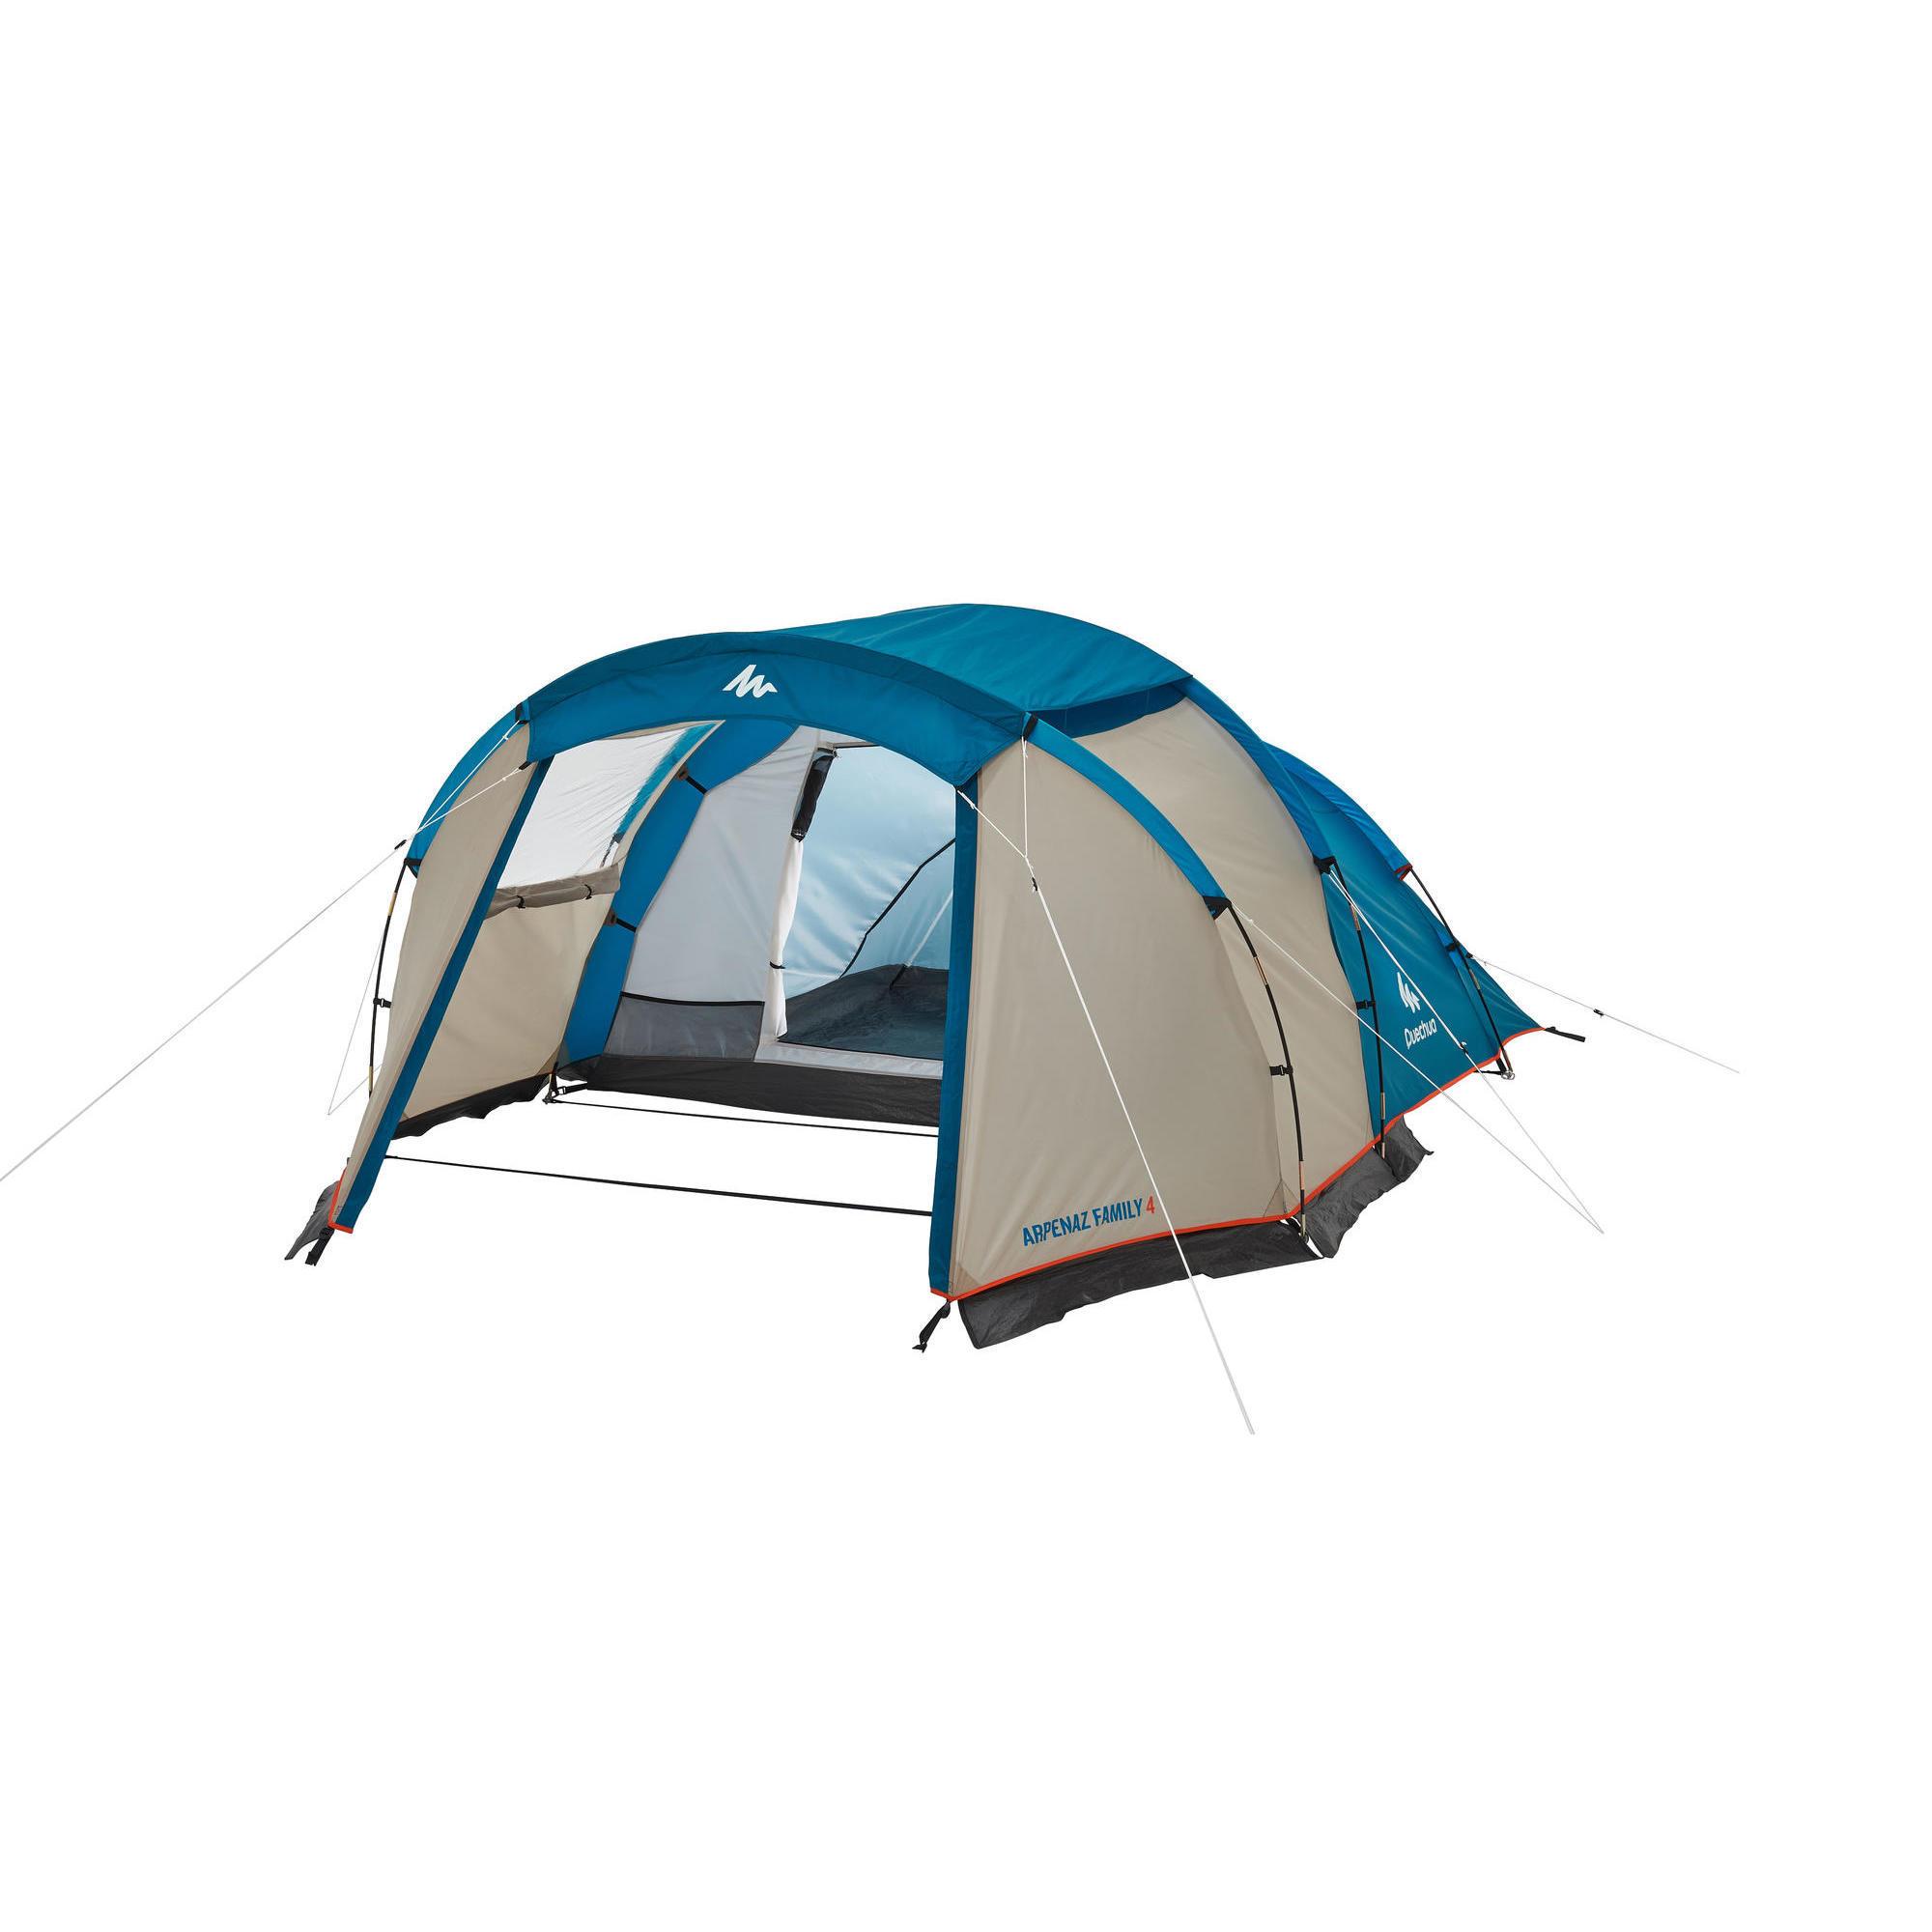 Quechua Tent 4 personen met bogen ARPENAZ 4 | 1 slaapcompartiment